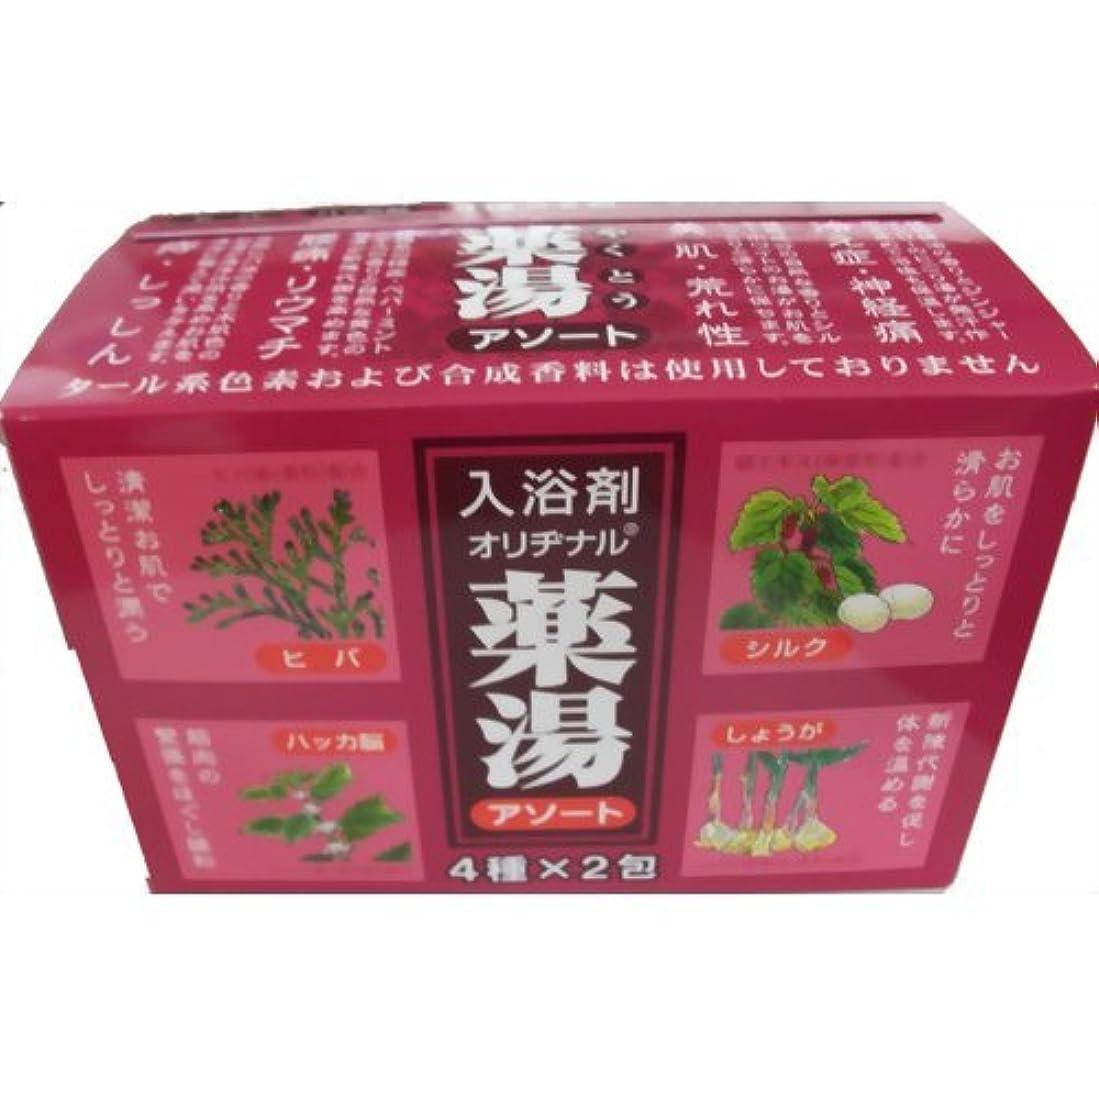 グローブ耐久候補者薬湯分包アソート 4種 8包入